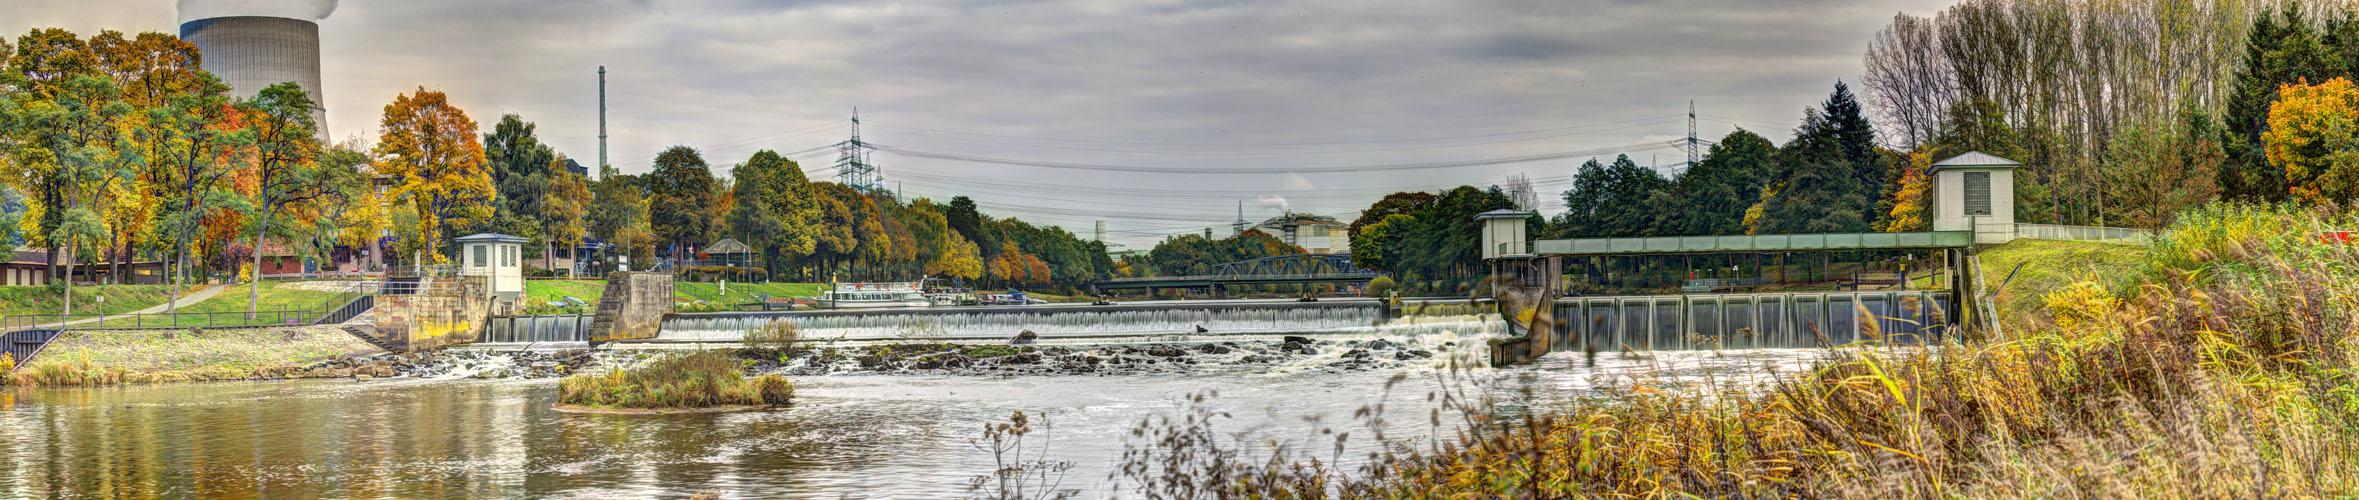 (Die Ems) Am Wasserfall in Hanekenfähr